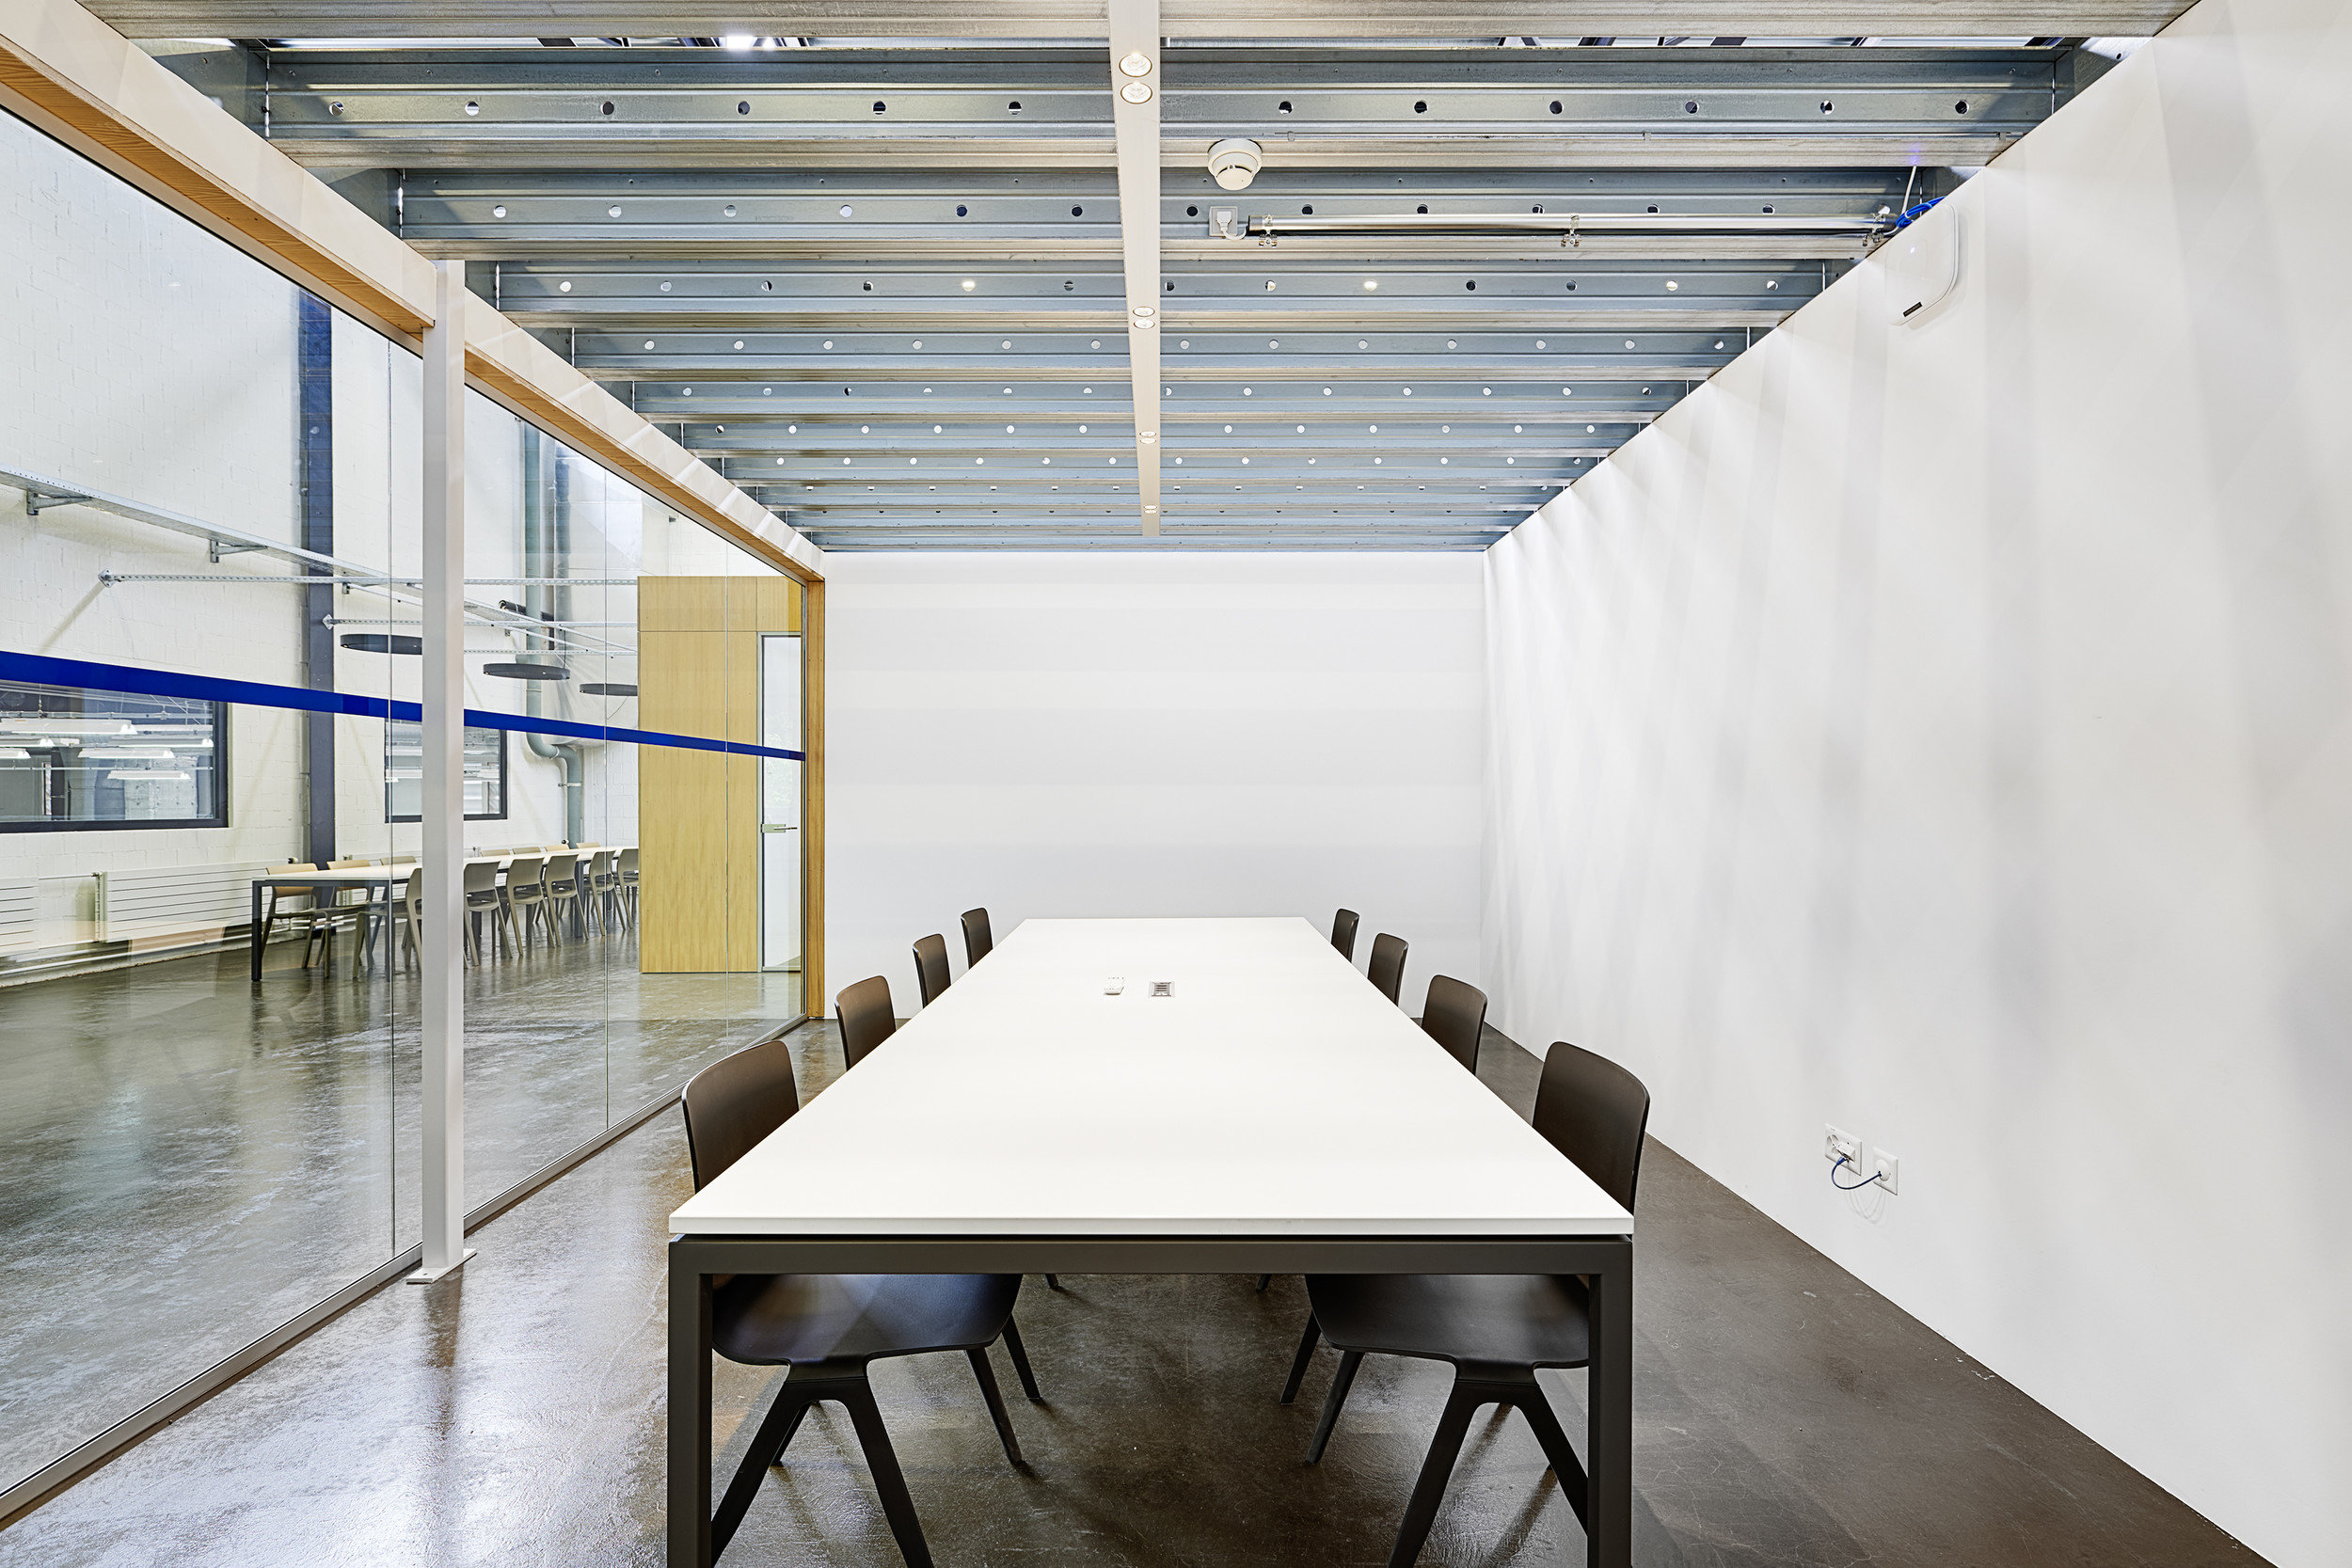 Indoor-Raum mit raumhoher Fensterwand und bestuhltem Tisch